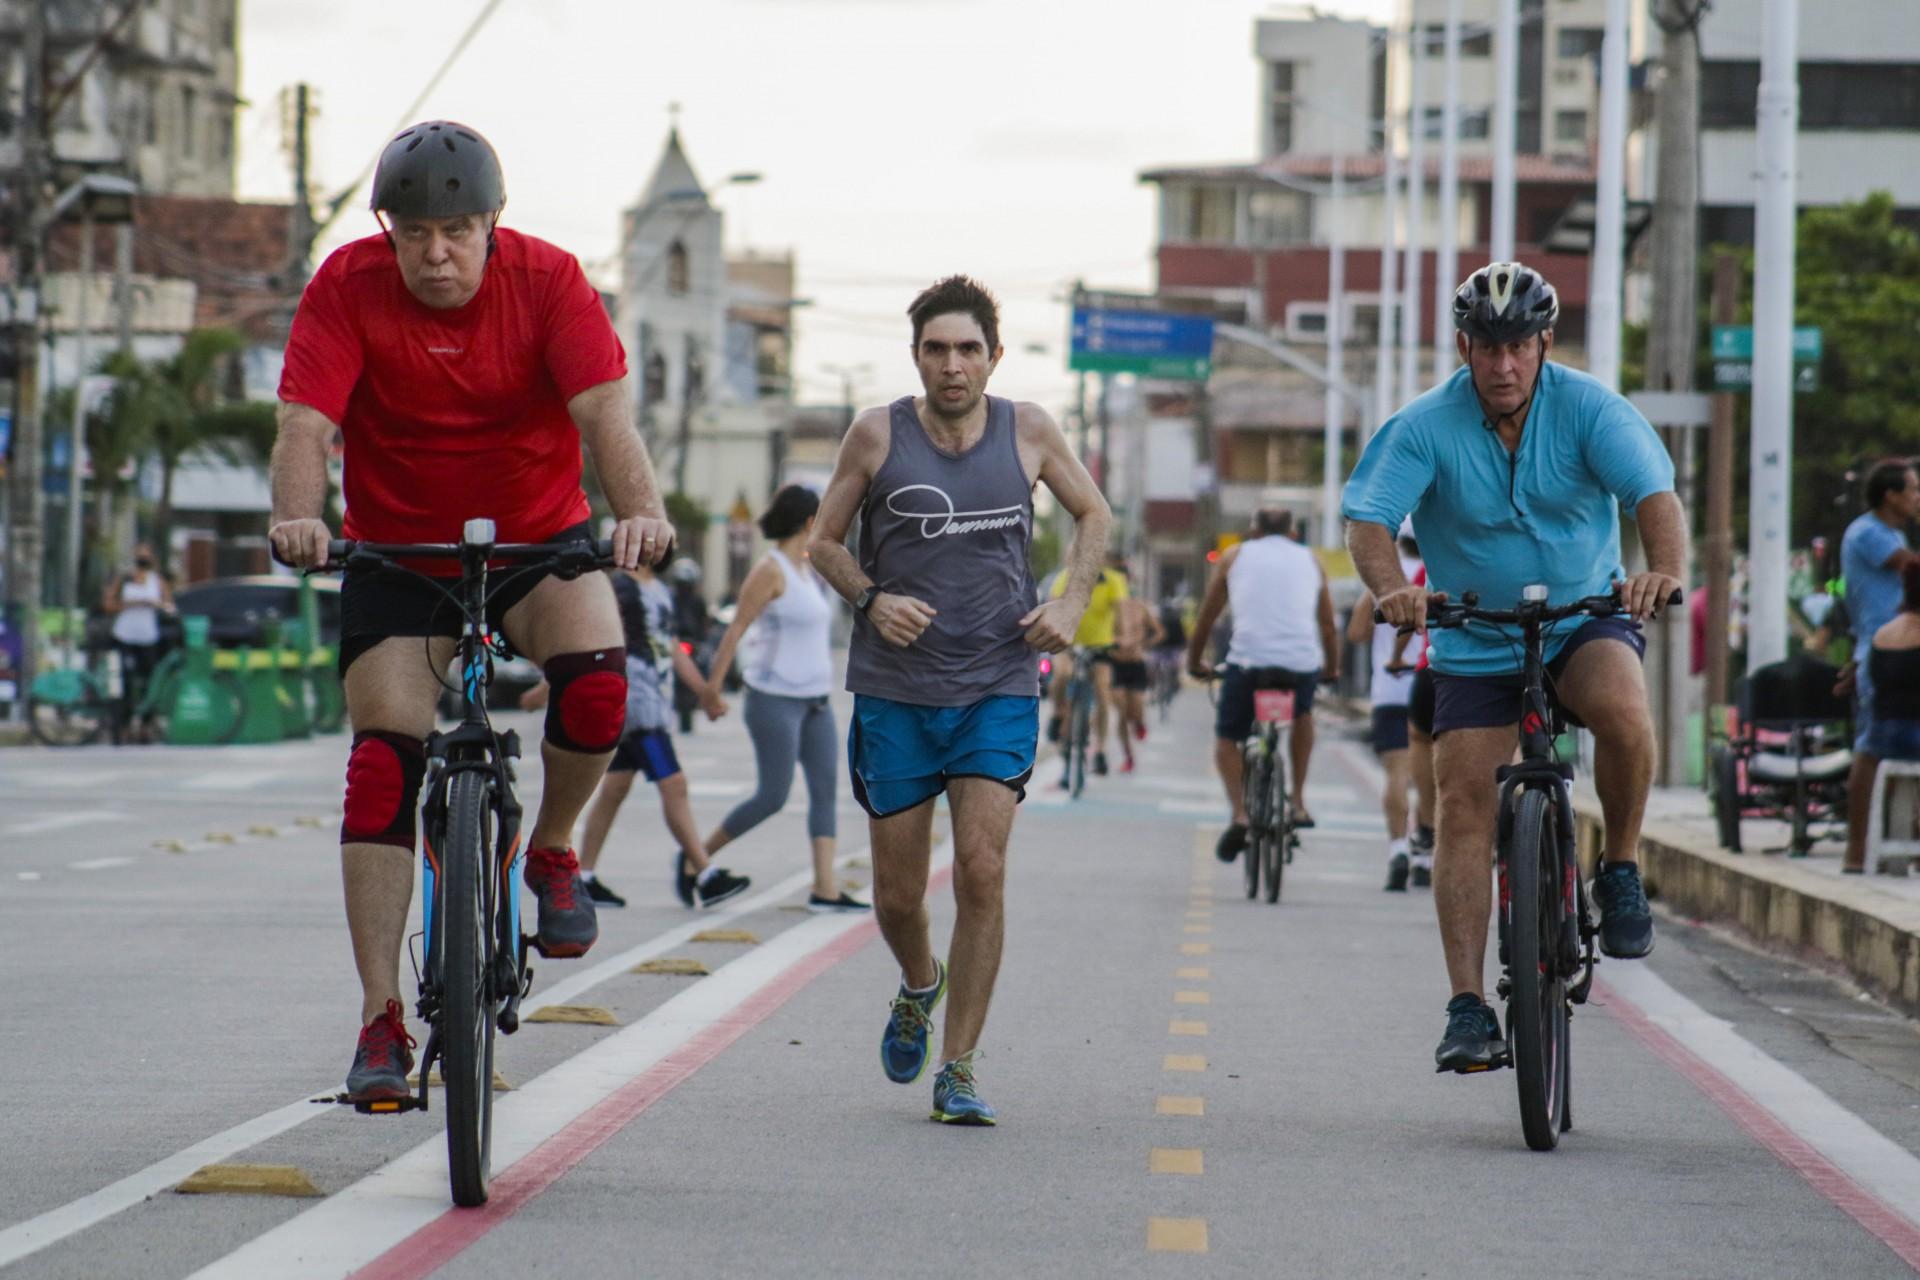 FORTALEZA, CE, BRASIL, 30.11.2020: Ciclo Faixa da Beira Mar. Duplicada, ela é utilizada para correr e andar de bicicleta, fora outros, como, patins, skate. (foto: Thais Mesquita/O POVO)